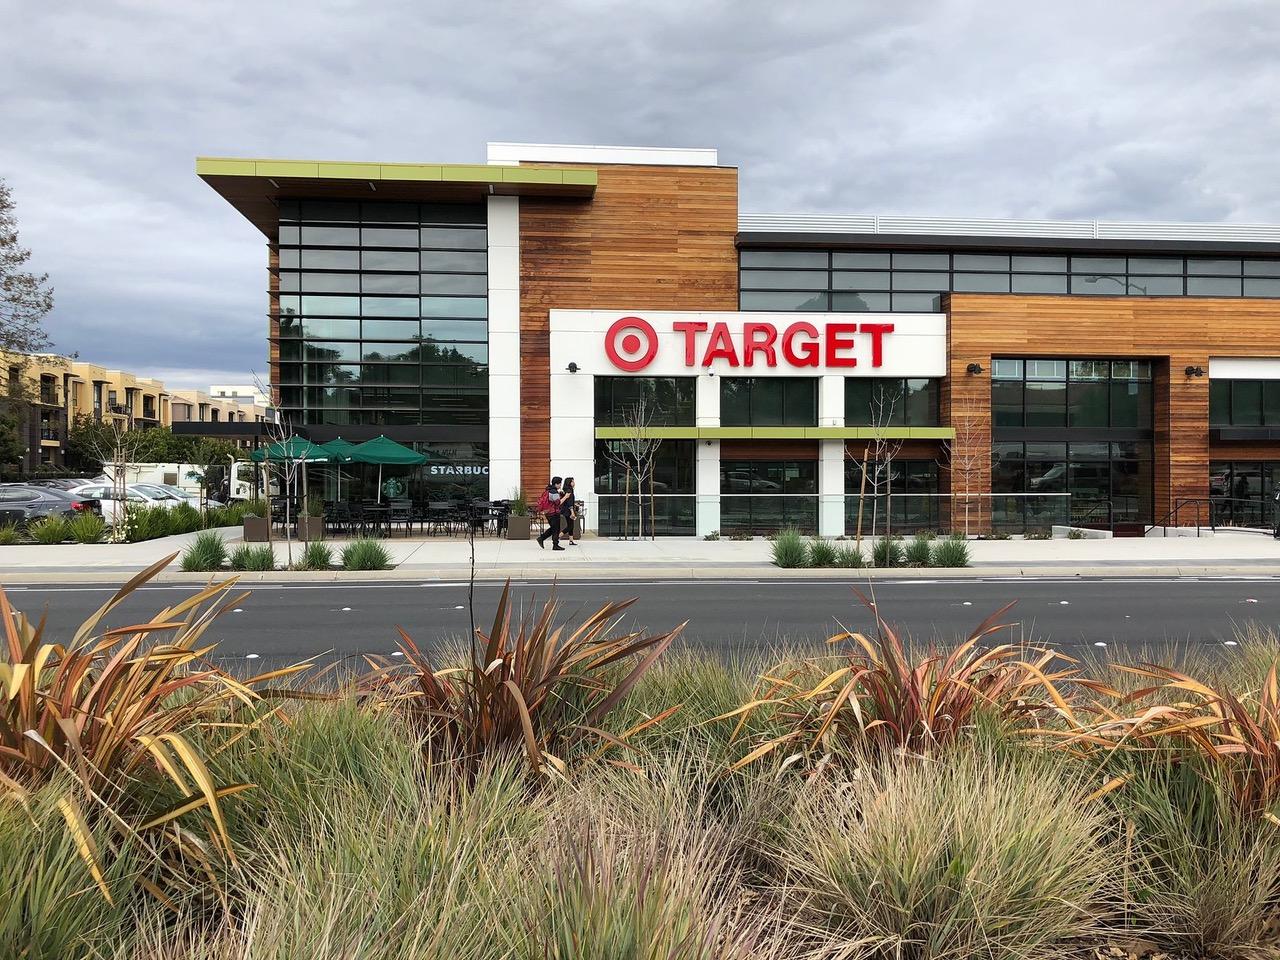 Cupertino Target Stevens Creek Blu Skye Media-X3.jpeg